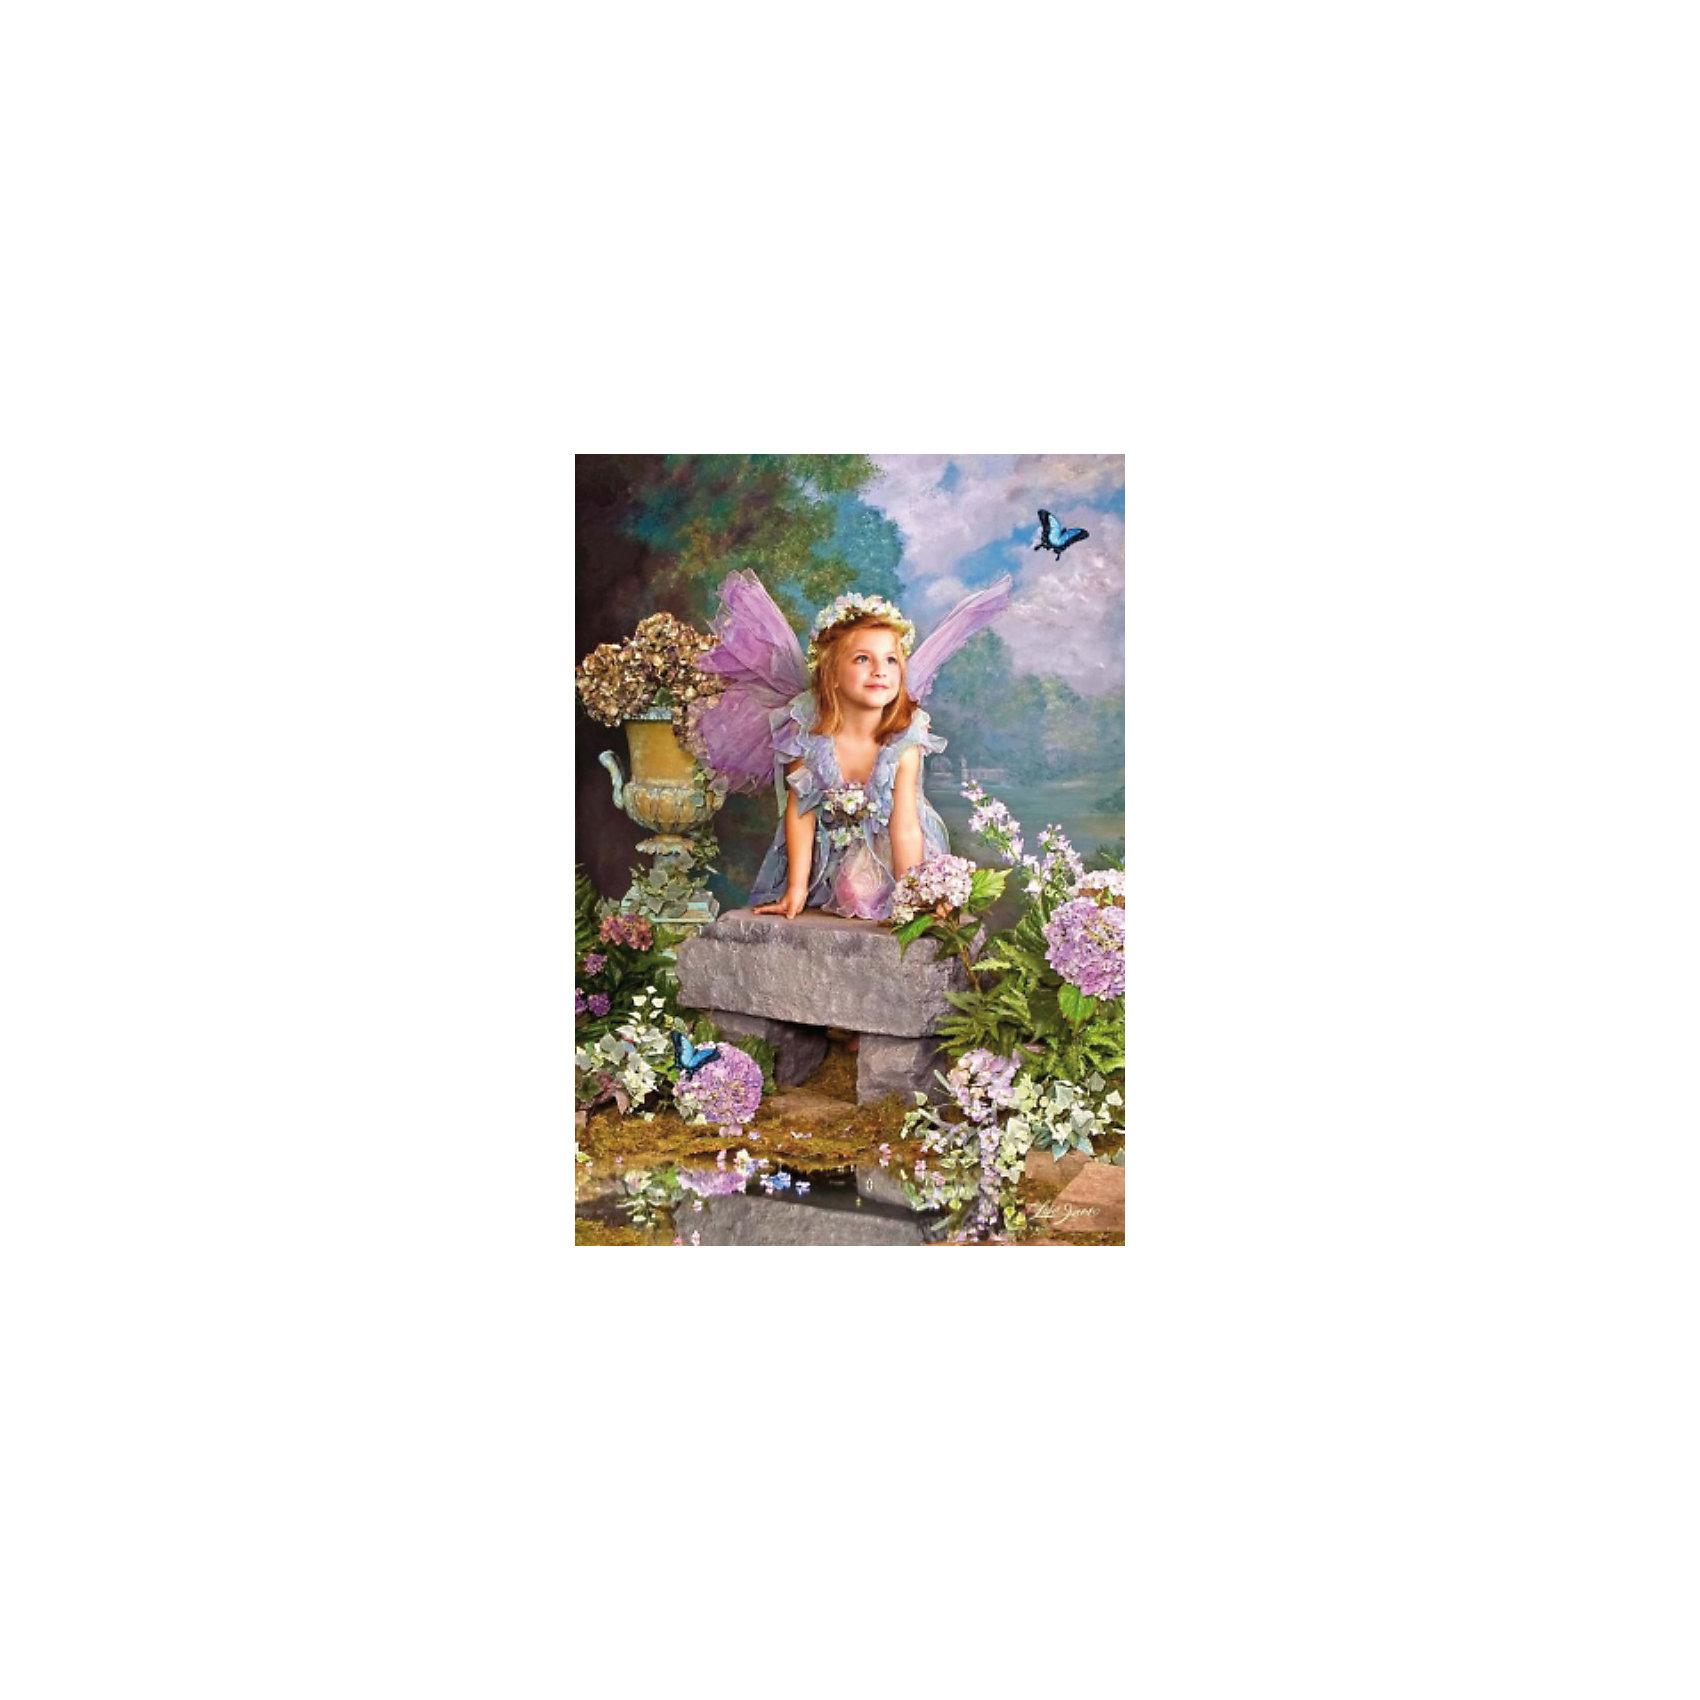 Пазлы Весенний ангел, 1500 деталей, CastorlandКлассические пазлы<br>Пазлы Пазлы Весенний ангел, 1500 деталей  - красивый и качественный пазл с изображением нежного и юного весеннего ангела.<br><br>Дополнительная информация:<br><br>- Кол-во деталей: 1500 шт.<br>- Материал: картон.<br>- Размер собранной картинки: 68 х 47 см.<br>- Размеры:  350x250x52 мм.<br><br>Ширина мм: 350<br>Глубина мм: 50<br>Высота мм: 250<br>Вес г: 500<br>Возраст от месяцев: 168<br>Возраст до месяцев: 1188<br>Пол: Унисекс<br>Возраст: Детский<br>Количество деталей: 1500<br>SKU: 2562321